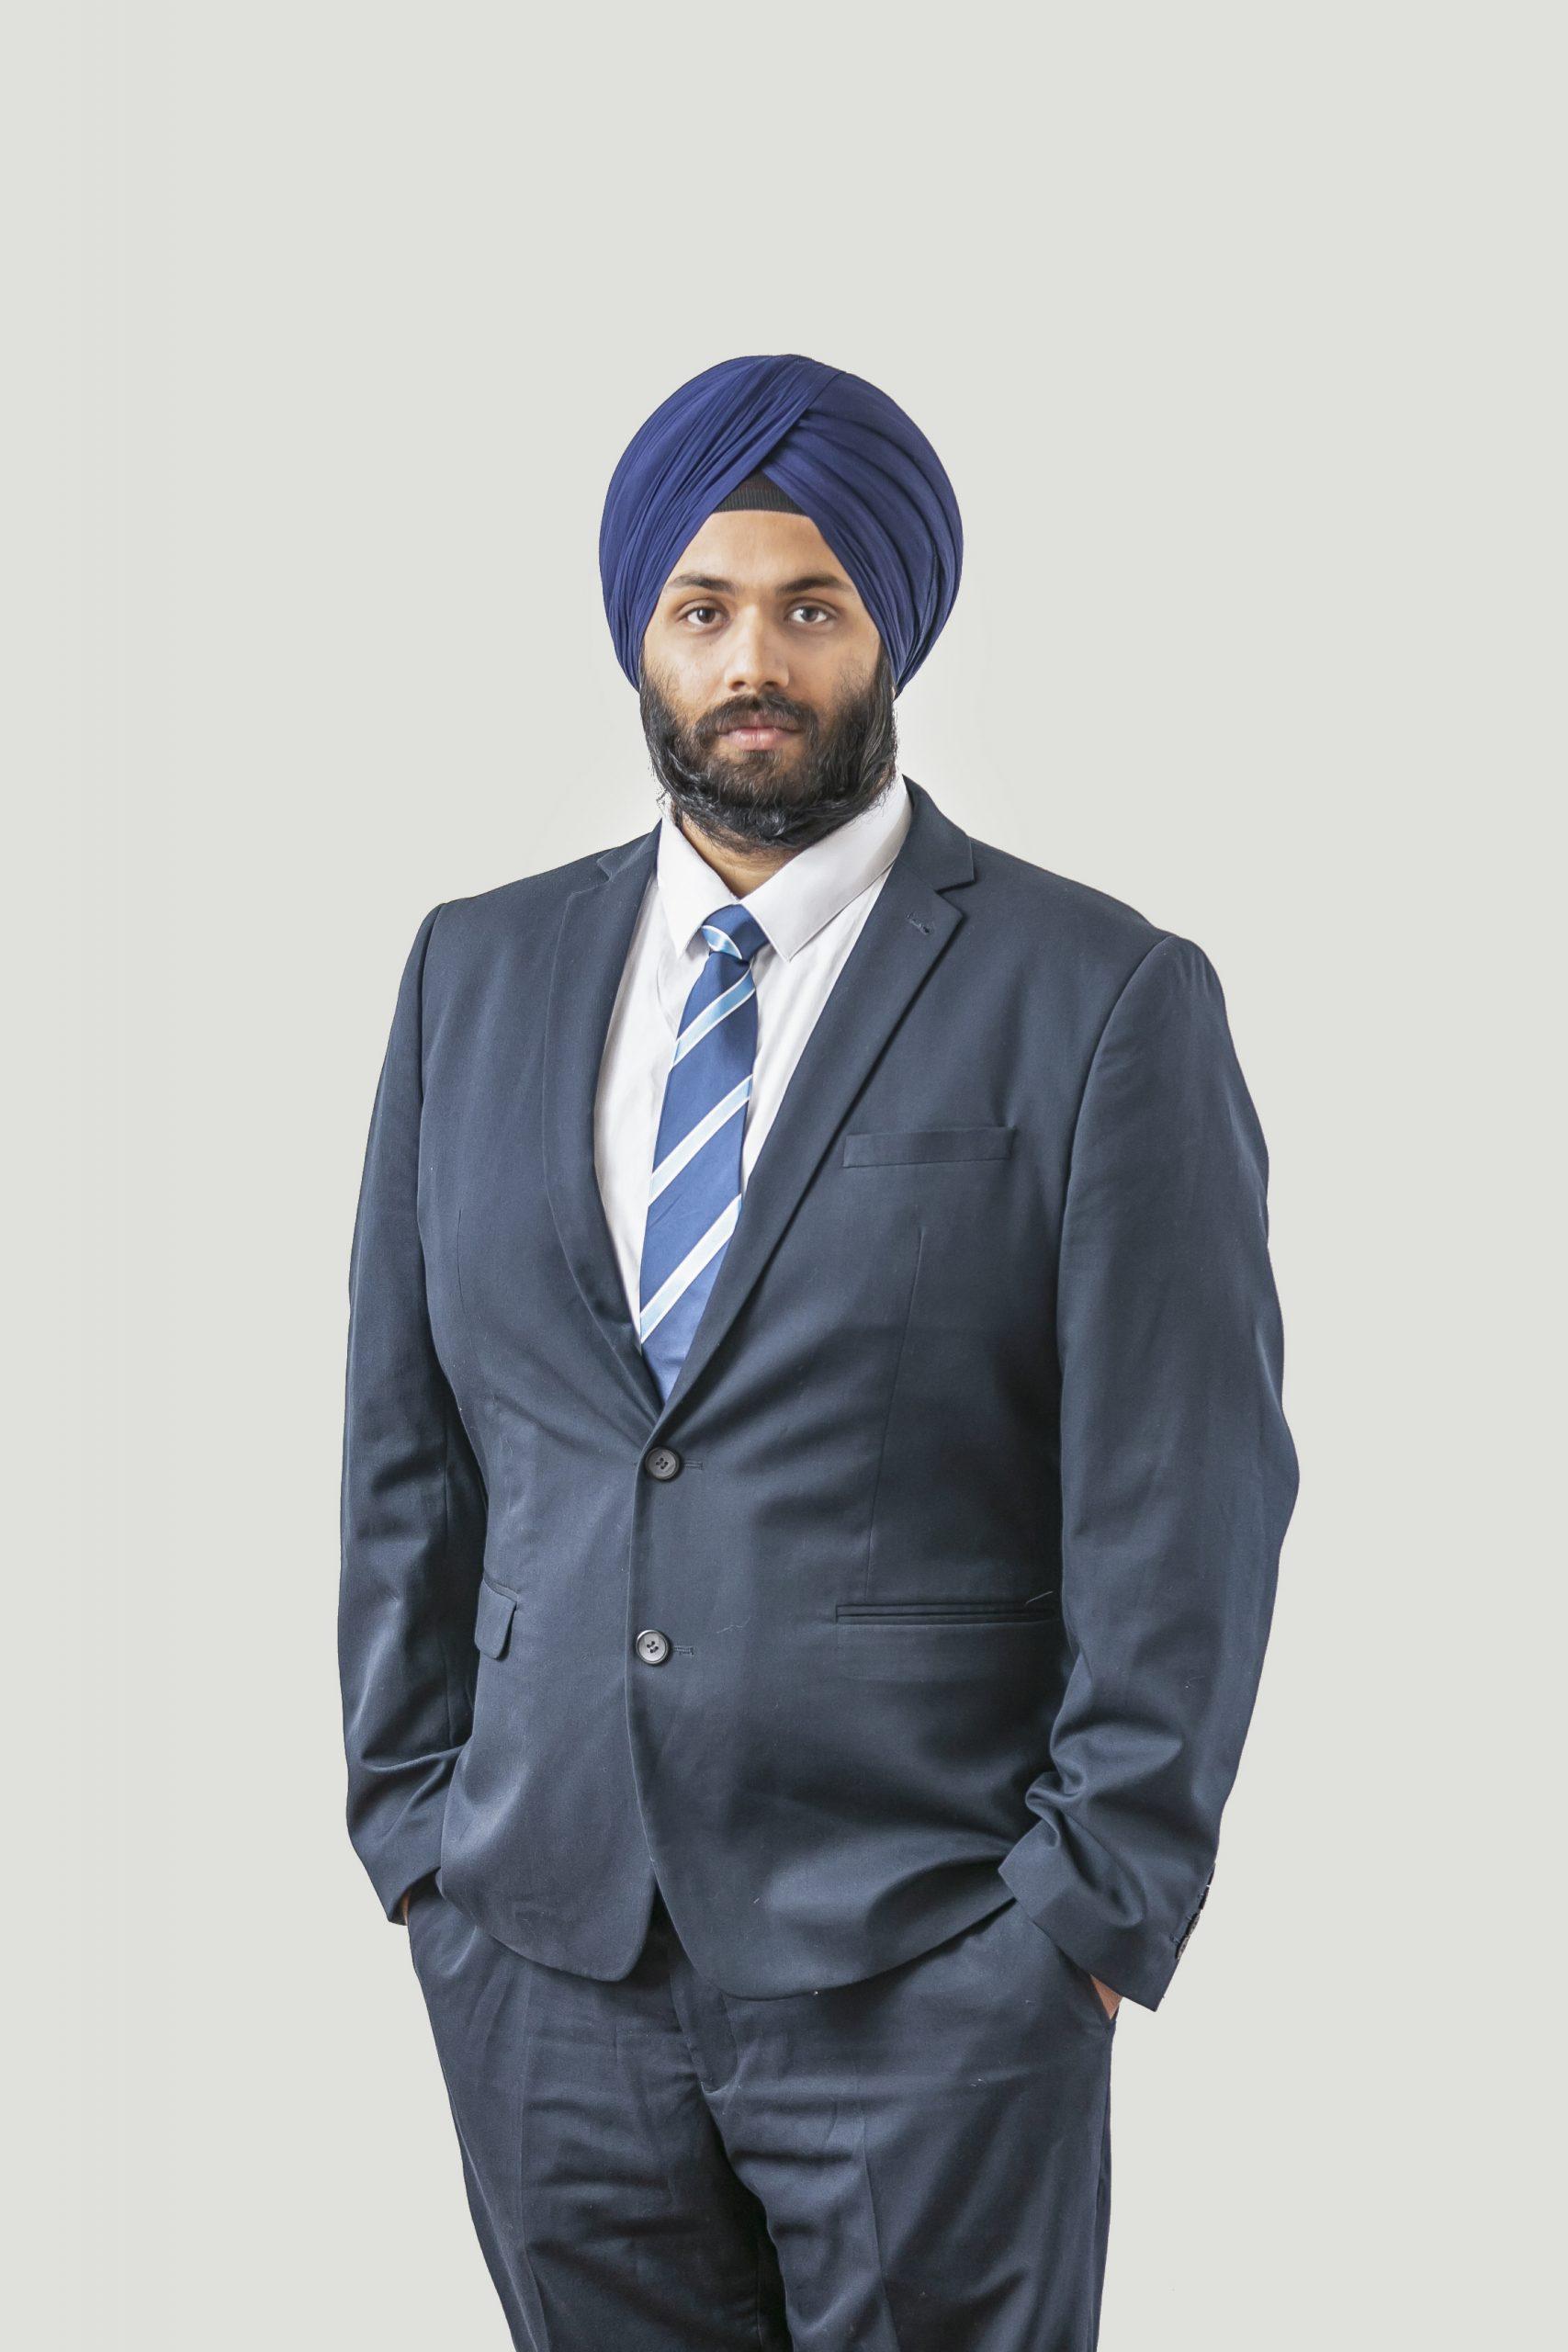 Sabby Singh